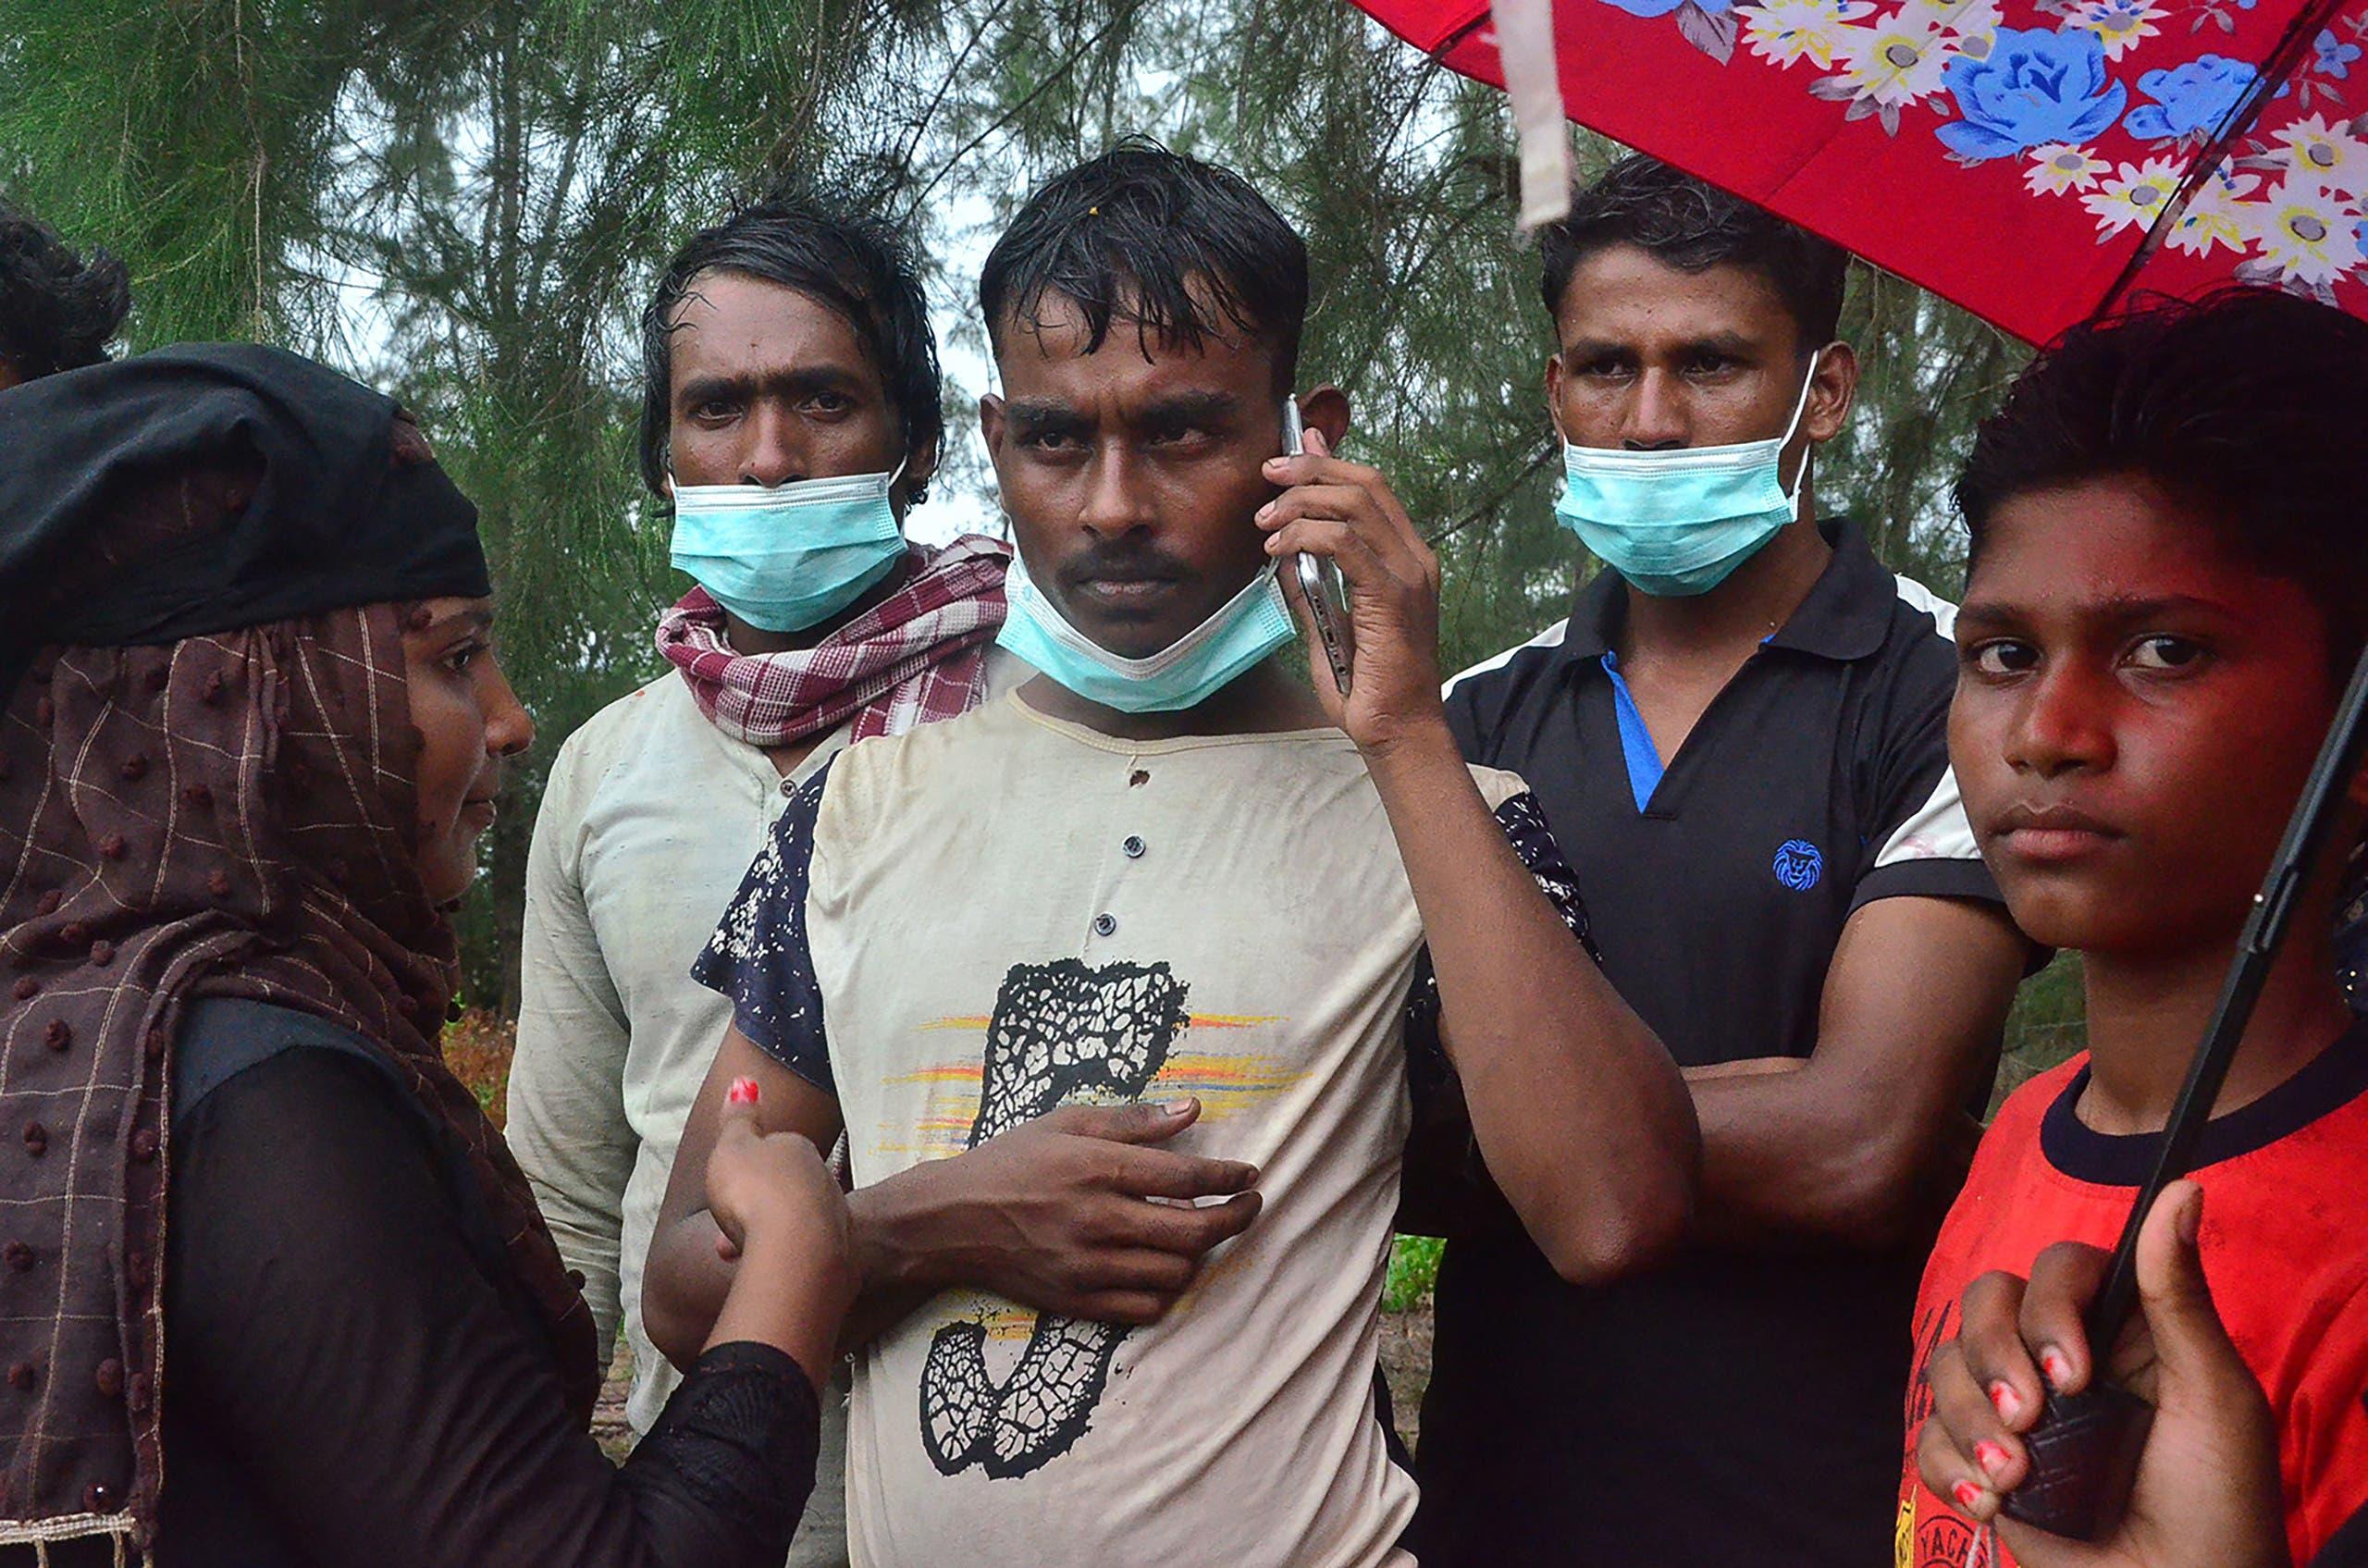 بعض اللاجئين الروهينغا الذين صولوا إلى إندونسيا على متن القارب المذكور